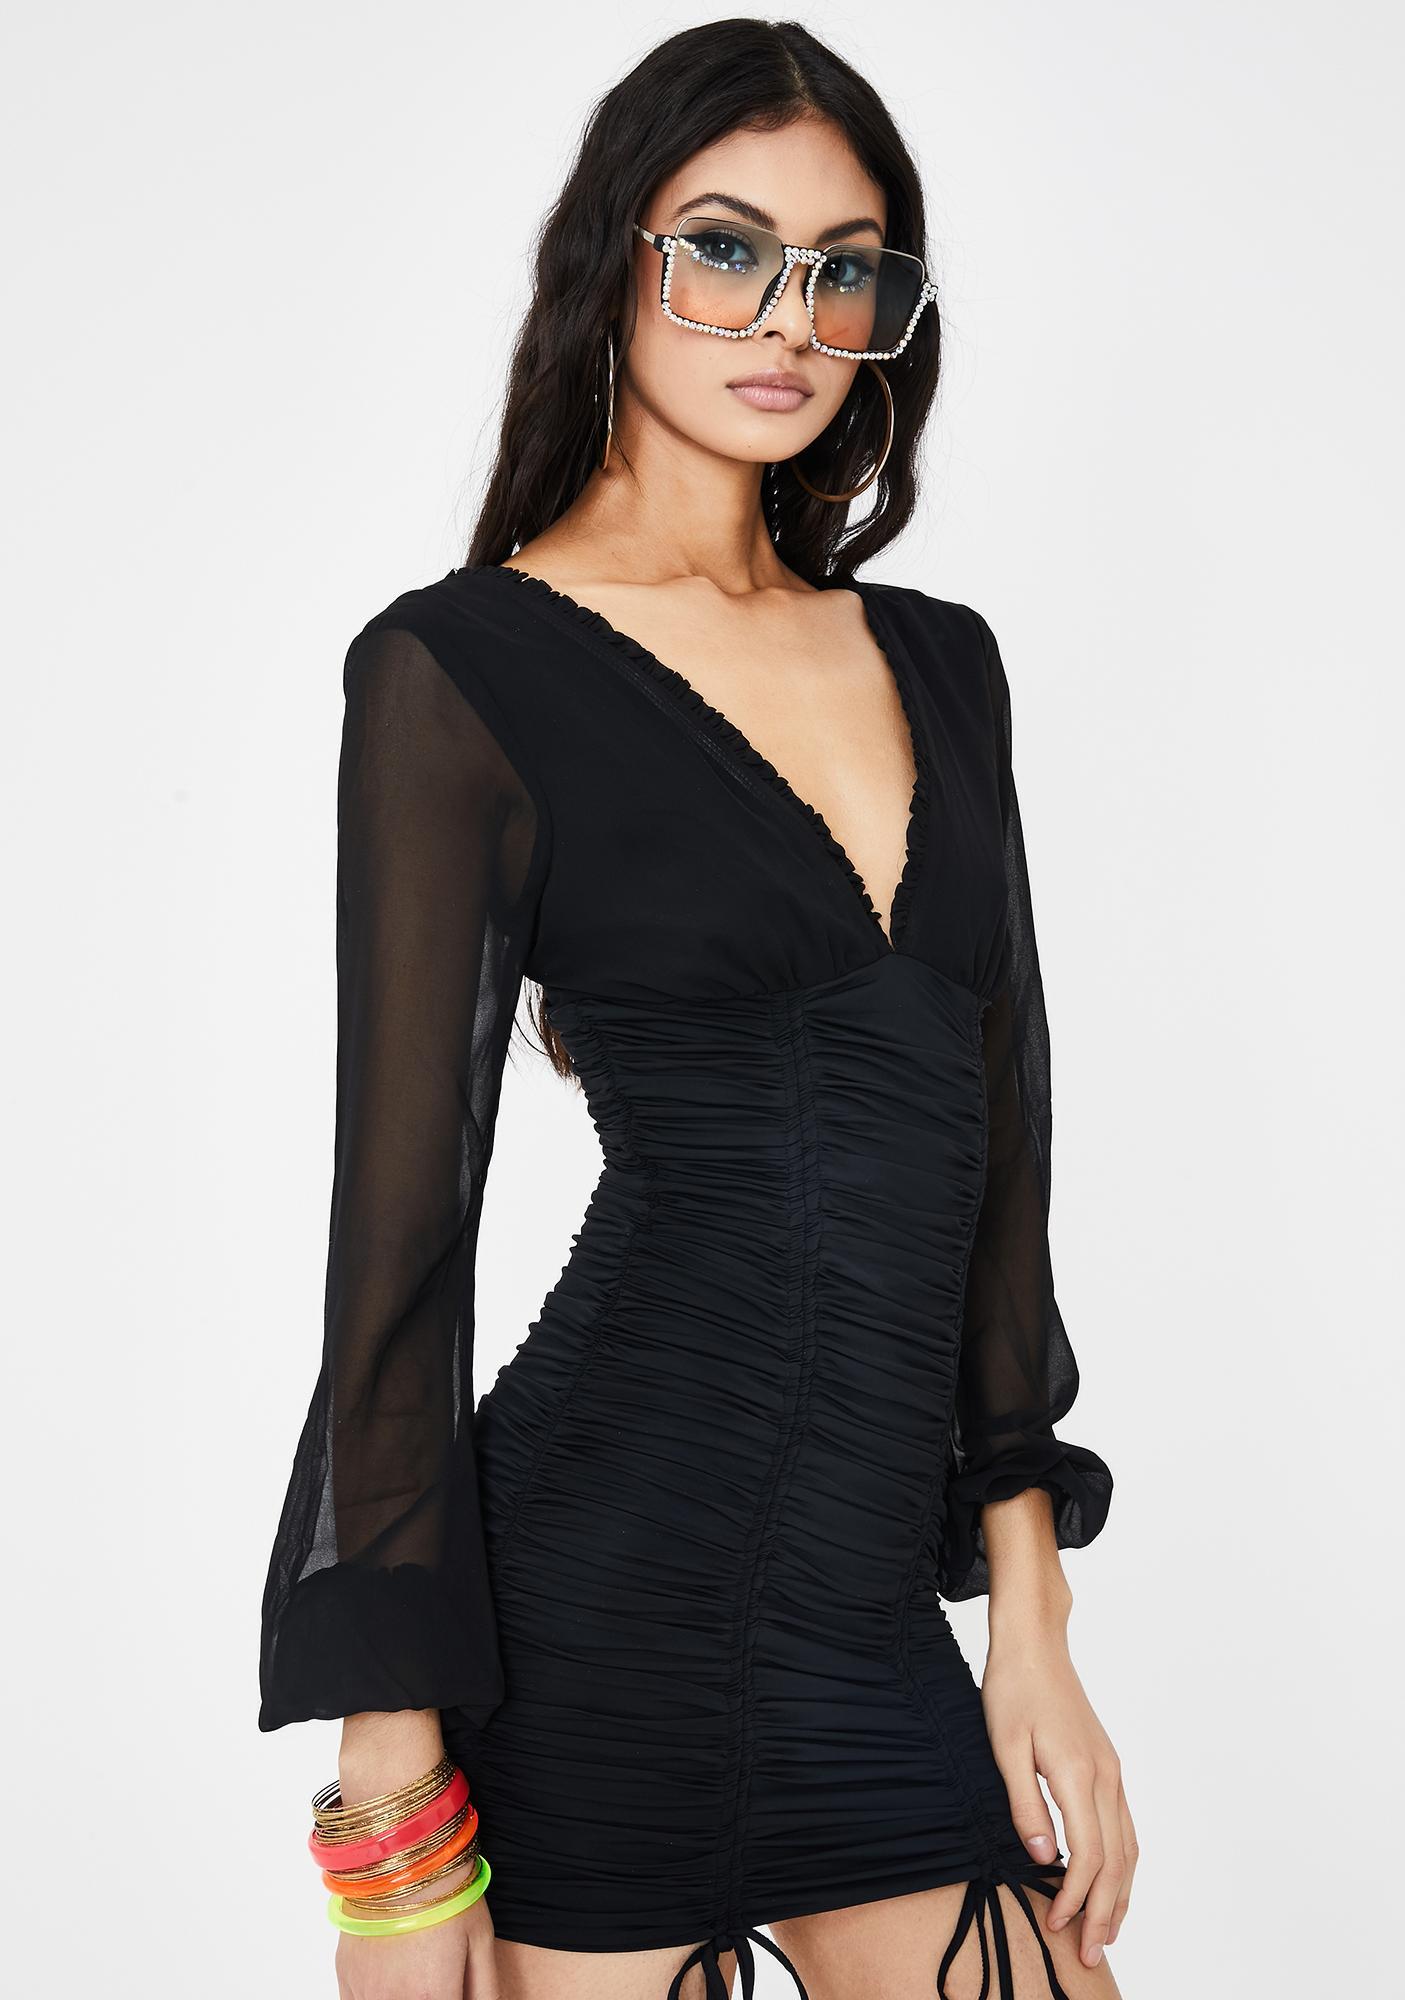 Tiger Mist Black Magnolia Mini Dress